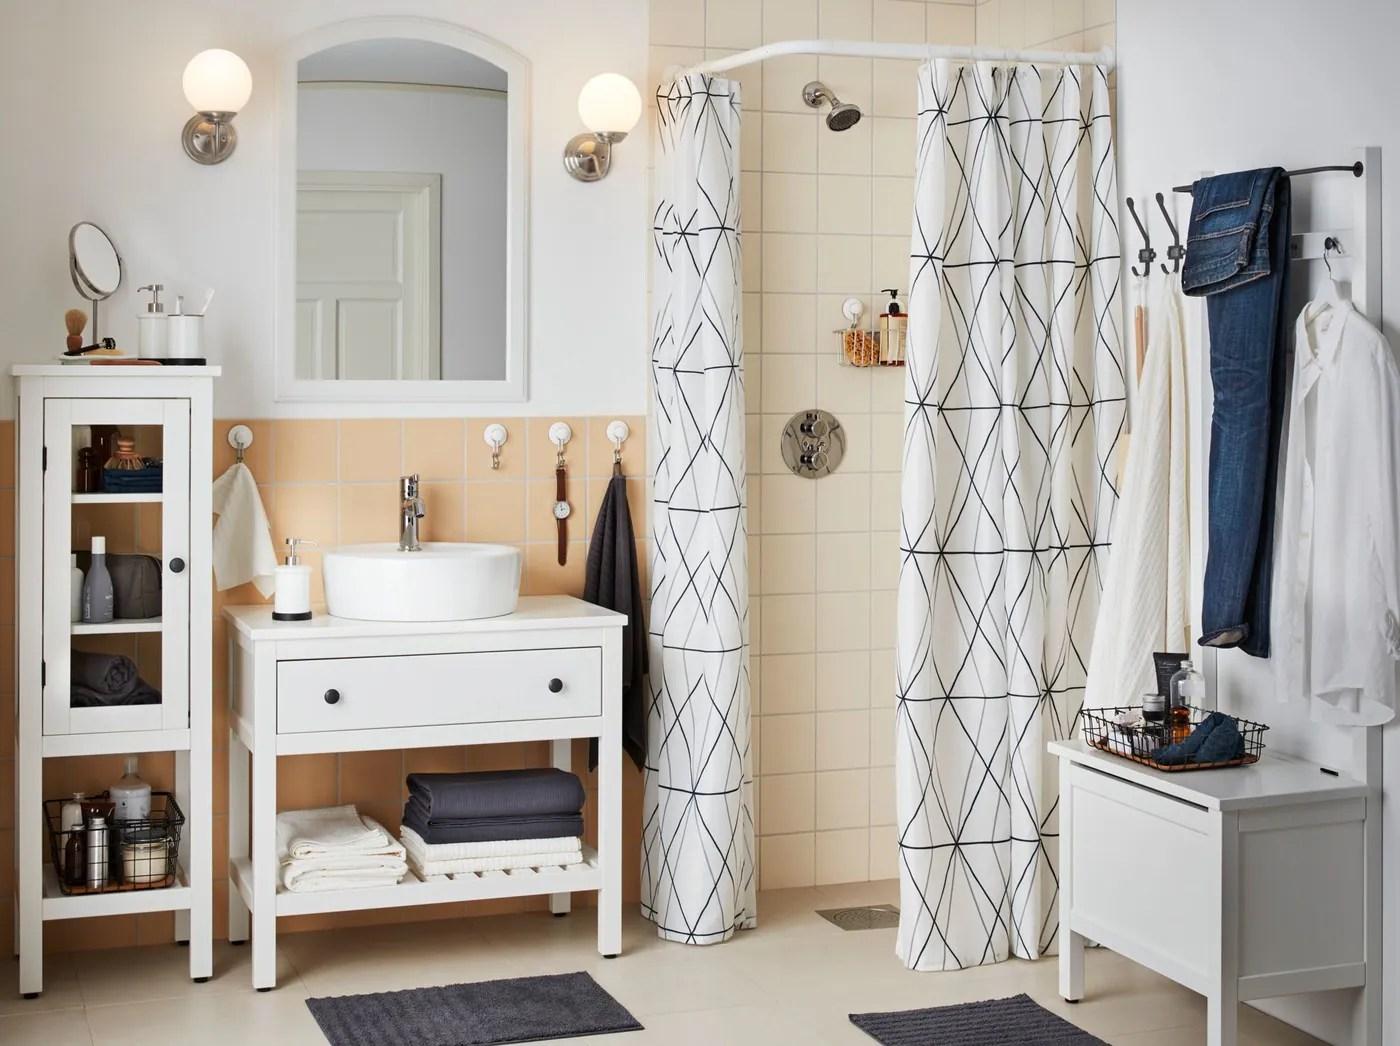 Ordentliche geschlossene Aufbewahrung im Badezimmer   IKEA